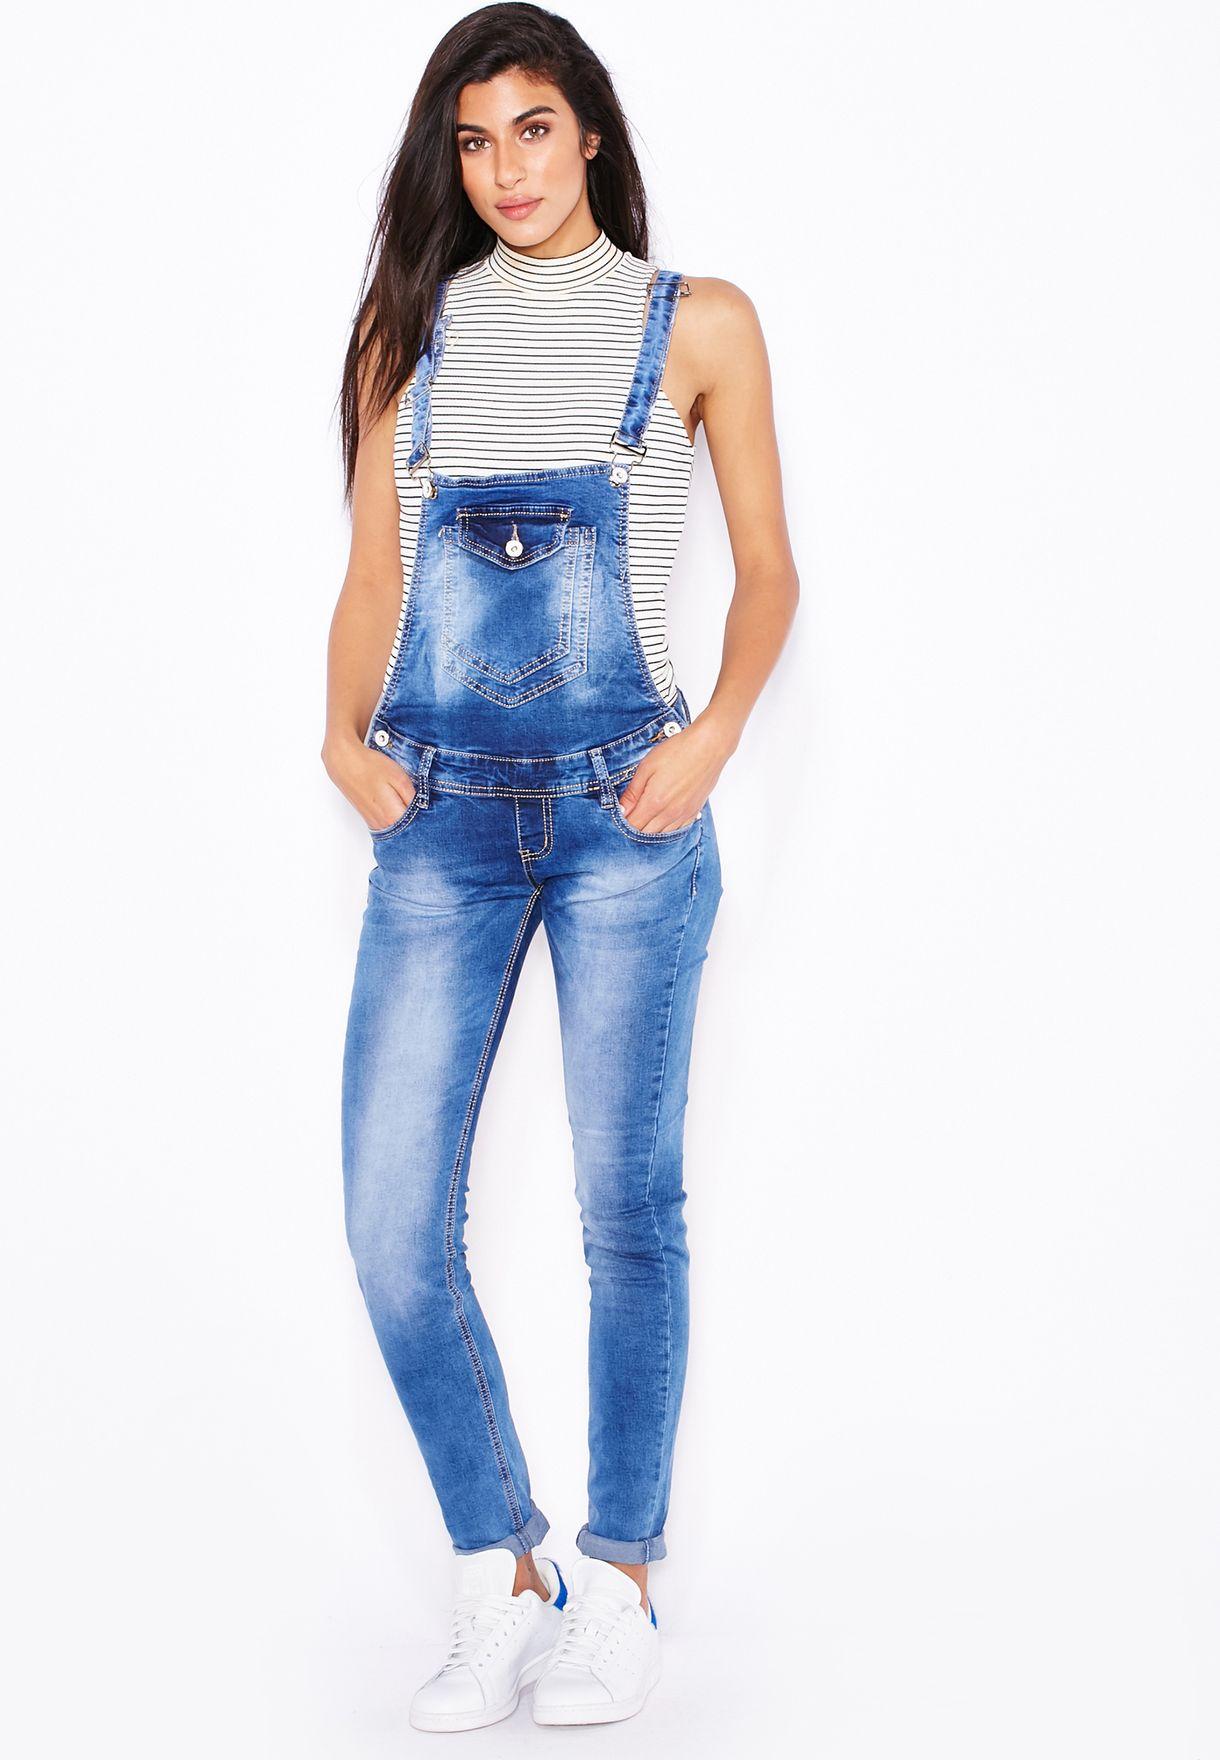 47ff3f962c51e تسوق افرول جينز ماركة جينجر لون أزرق في السعودية - GI121AT77YHI